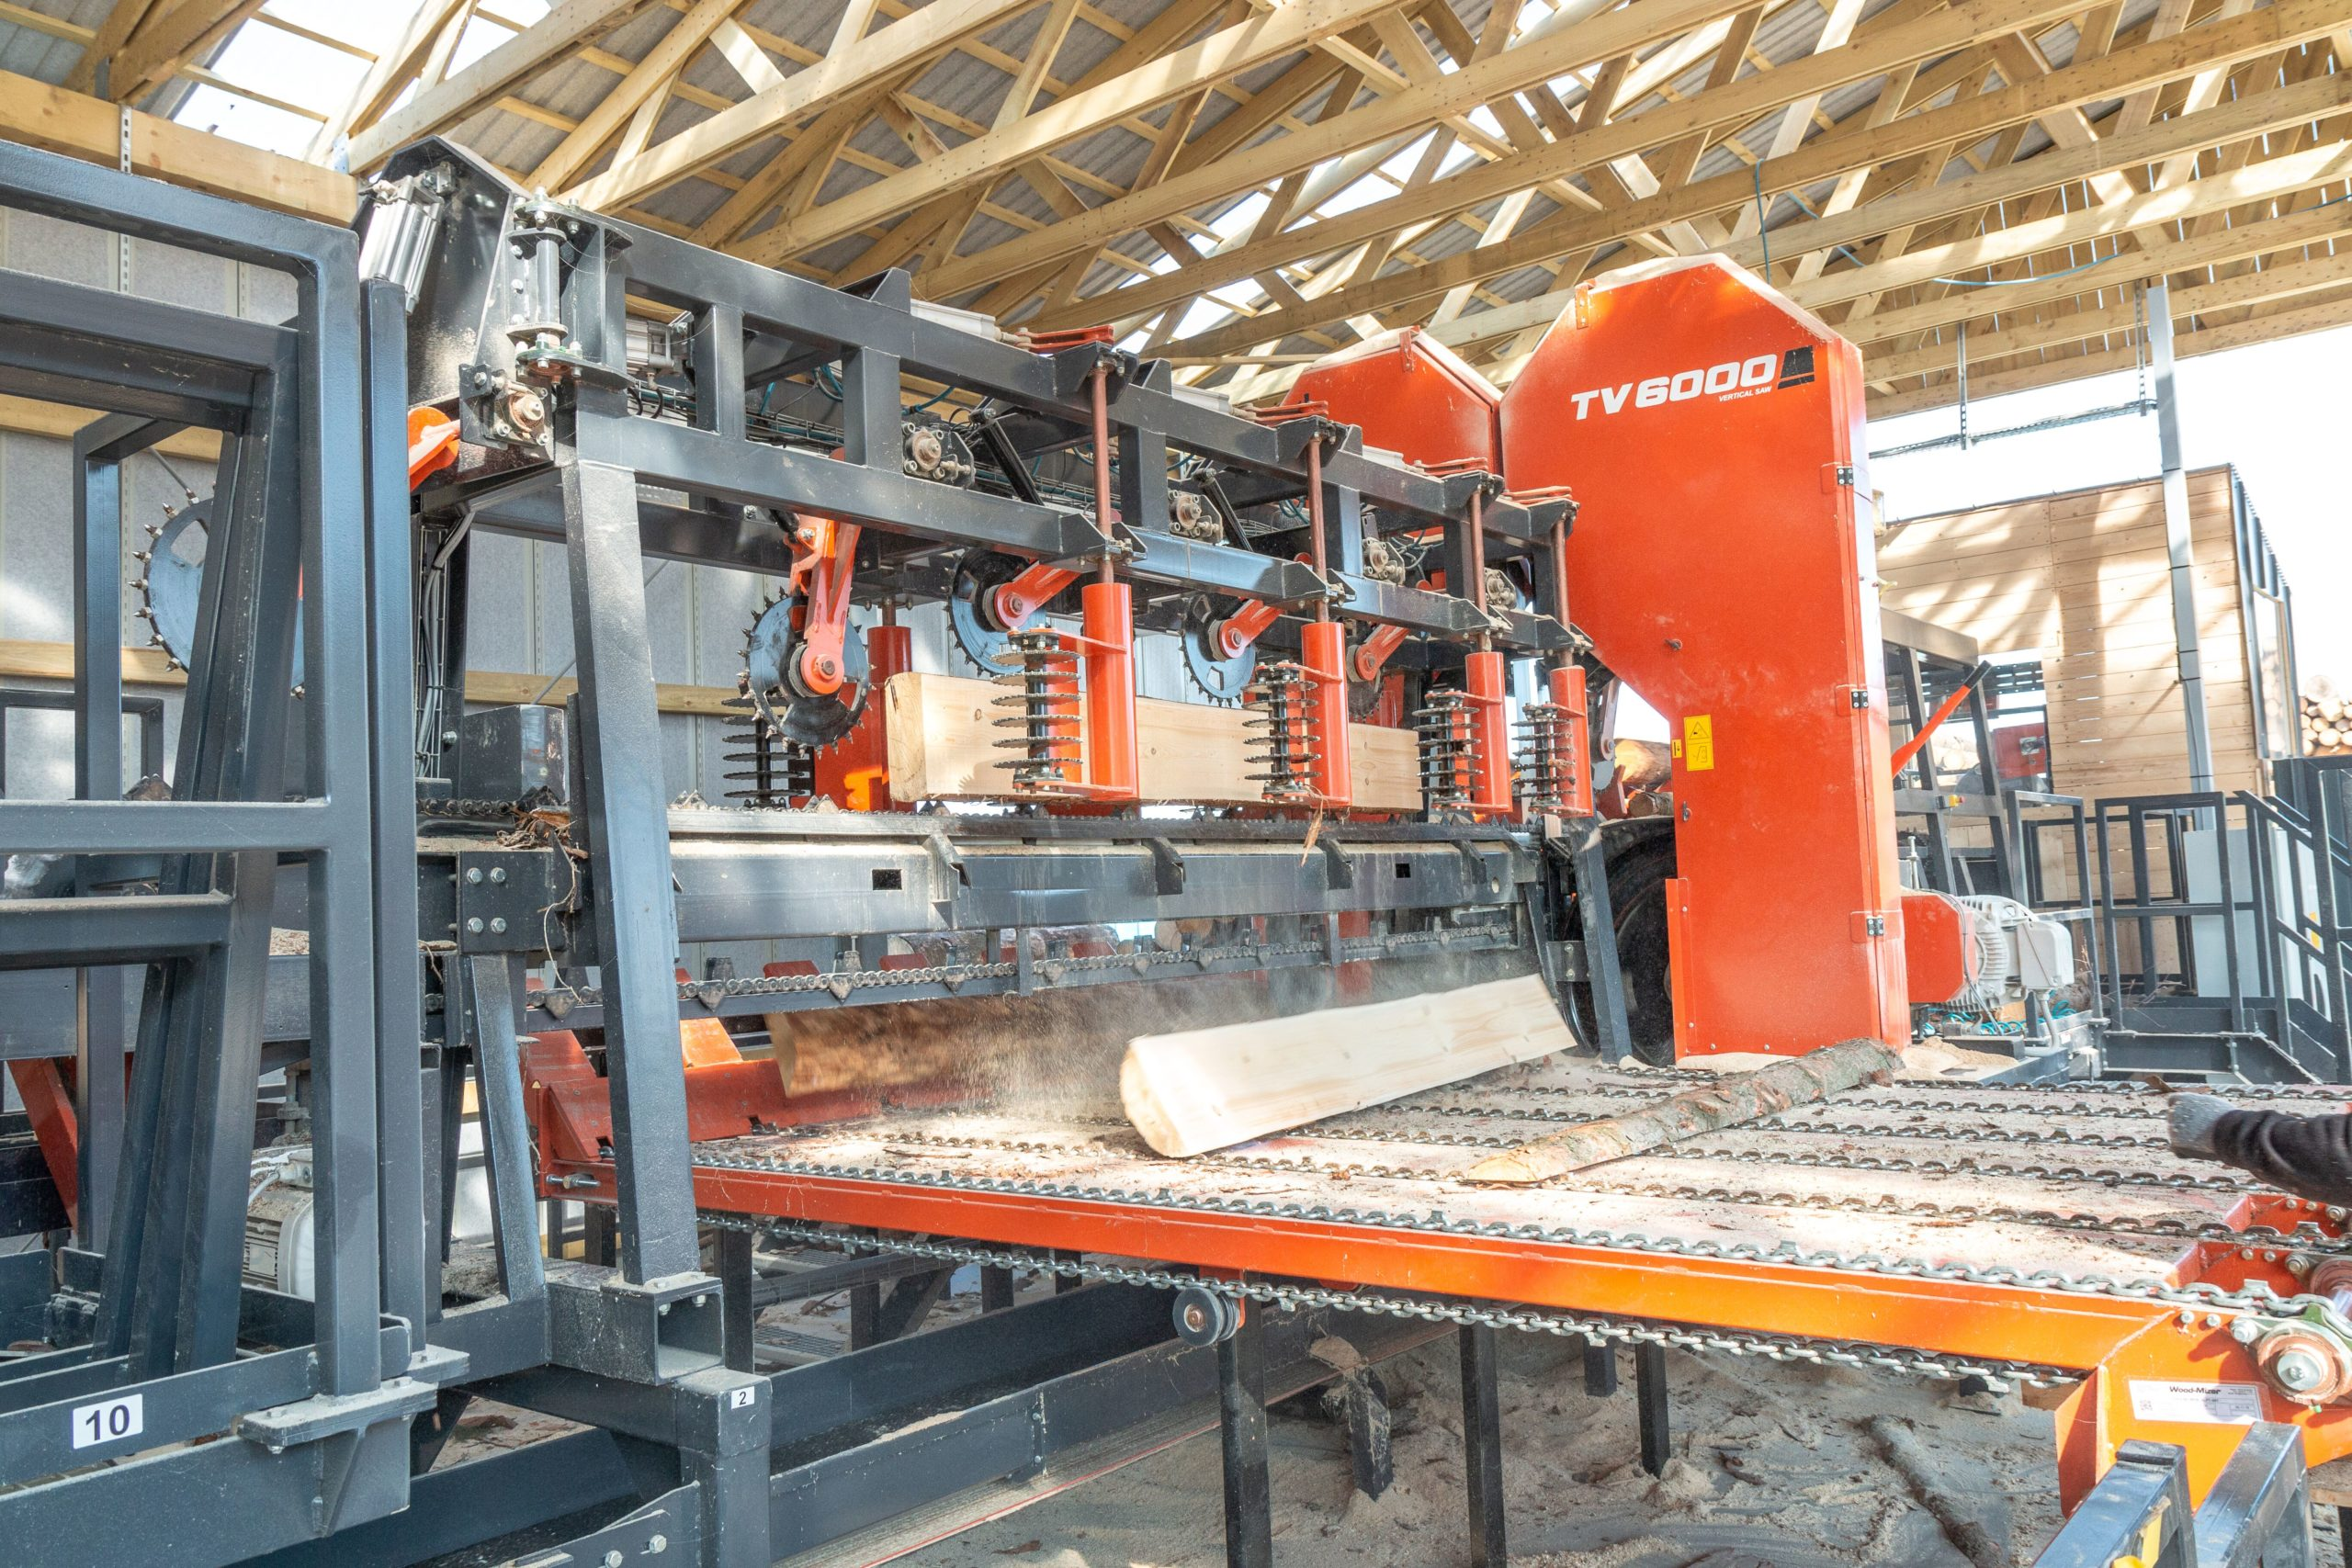 Podczas tegorocznych targów firma zaprezentuje profesjonalną linię maszyn i urządzeń TITAN.       Fot. Wood-Mizer